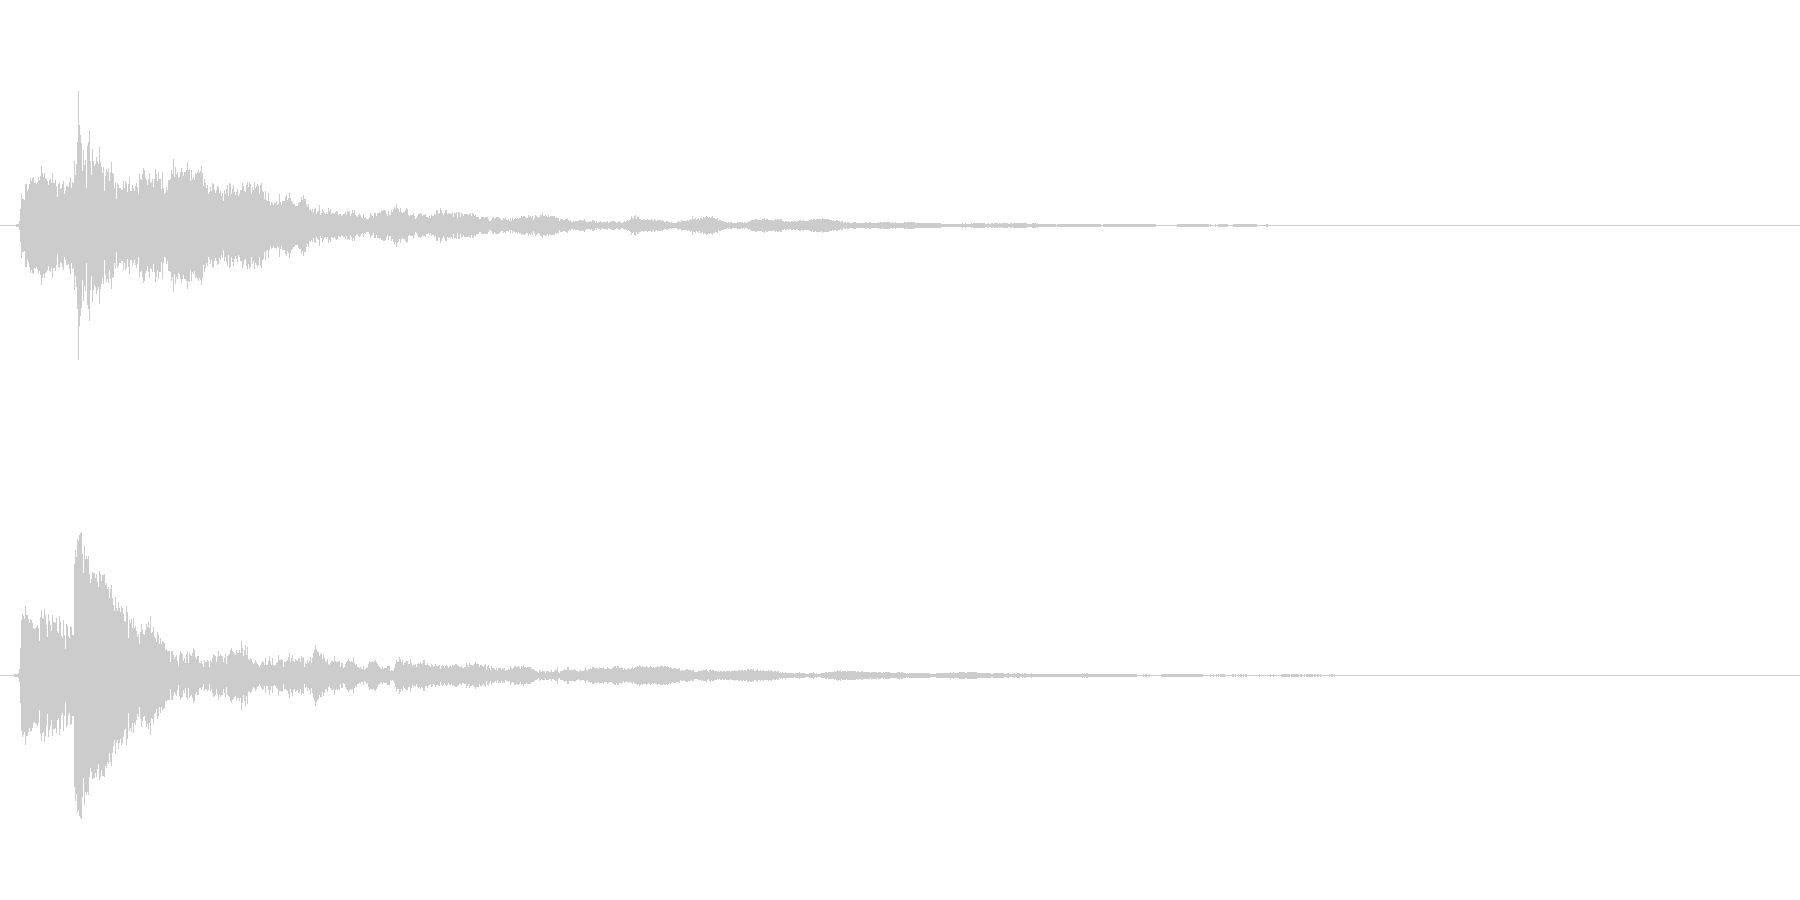 ピアノのワンショット効果音04の未再生の波形